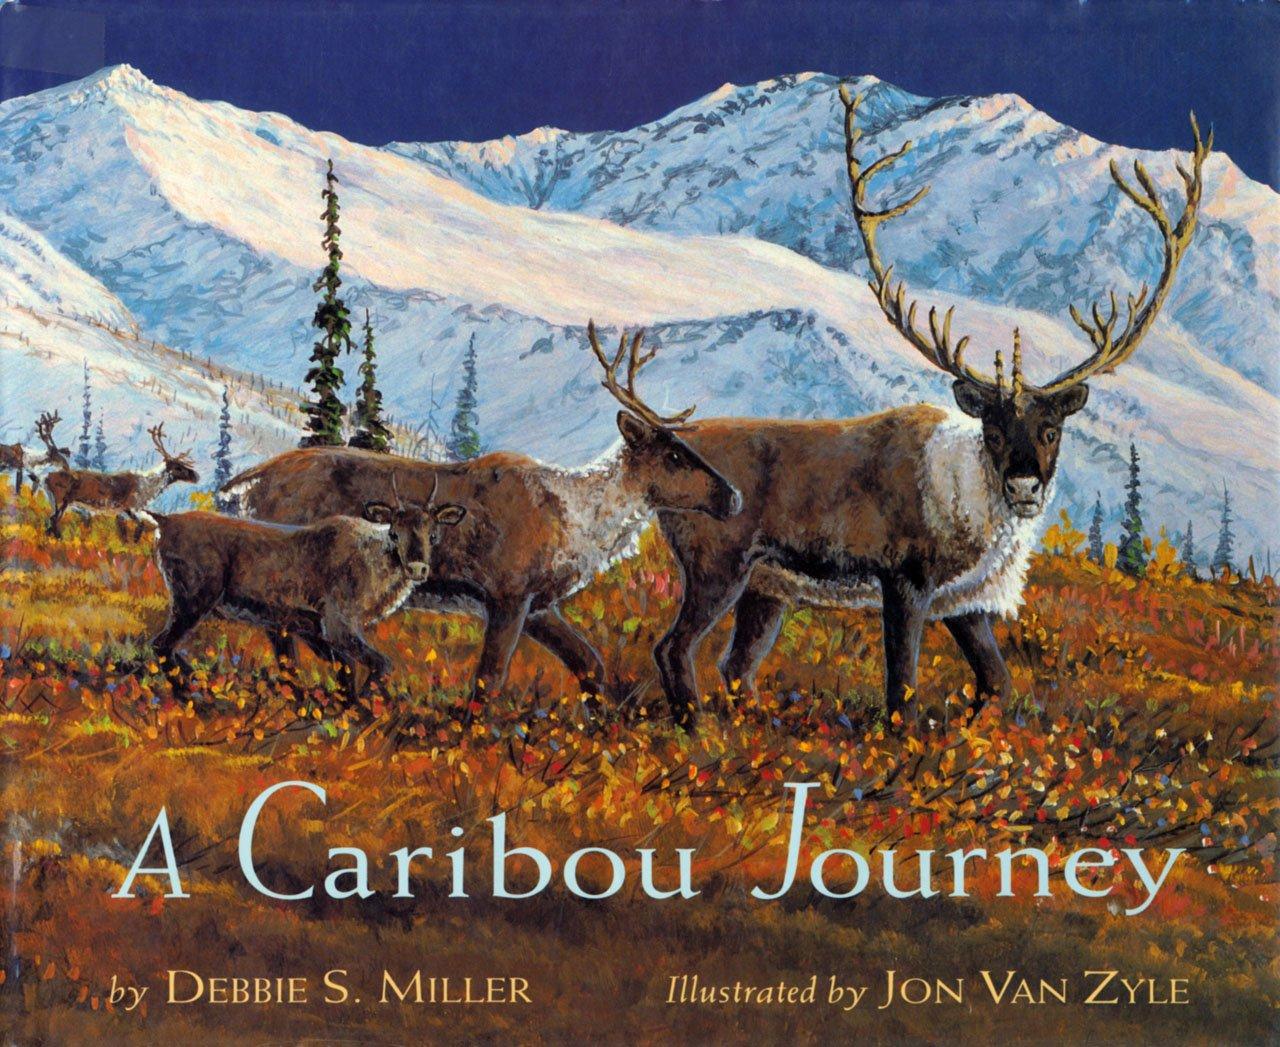 A Caribou Journey ebook